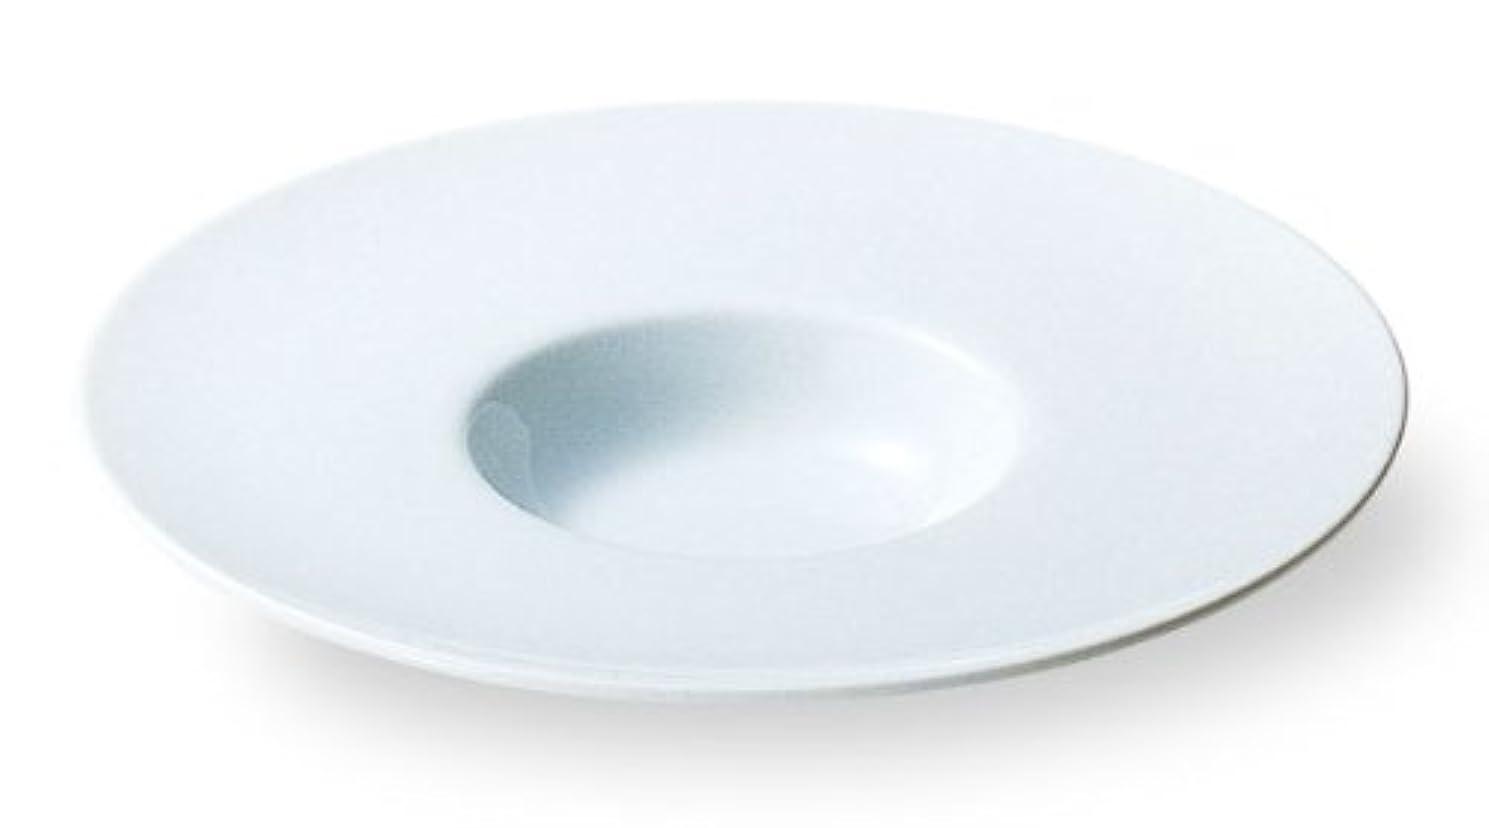 バリアアシスト誘うカネスズ セラミックス パスタ皿 白 ワイドリム 29cm平型スープ皿 日本製 50100826